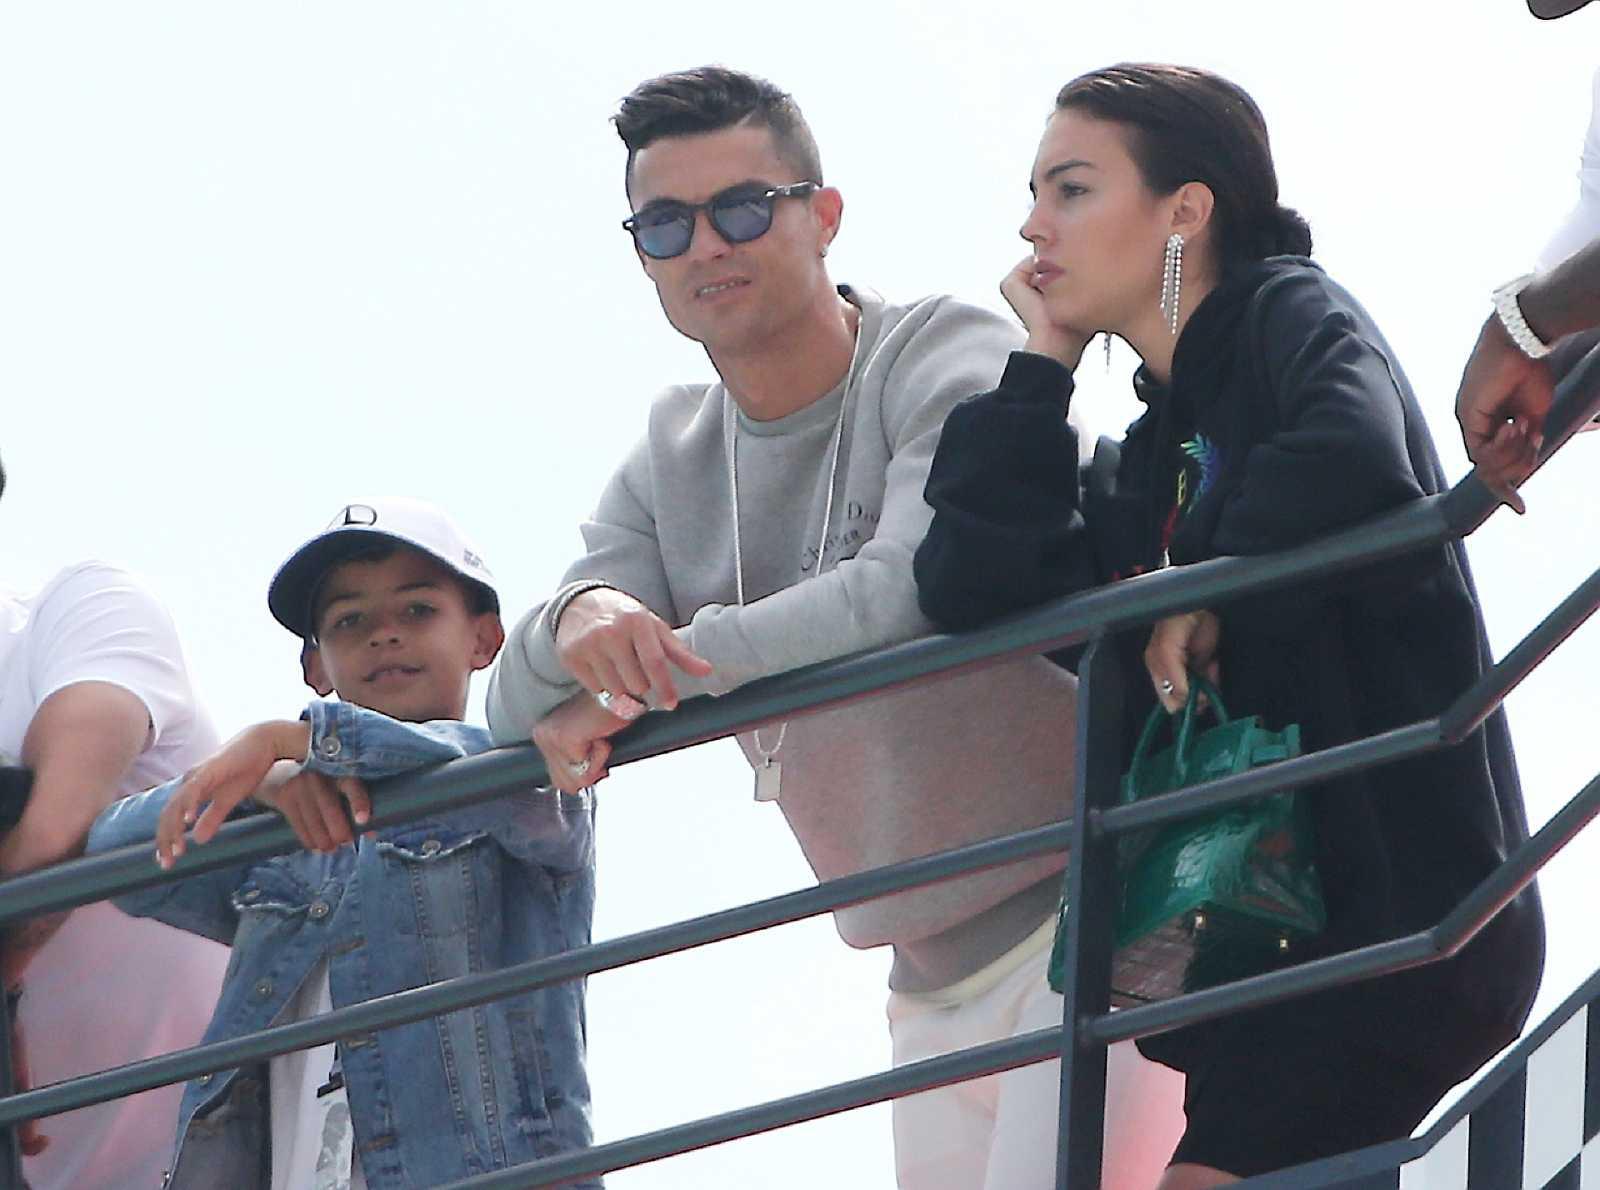 La familia de Cristiano Ronaldo en un palco viendo una competición deportiva. De izquierda a derecha: Su hijo, Cristiano Ronaldo Jr, Cristiano y su pareja, Georgina Rodríguez